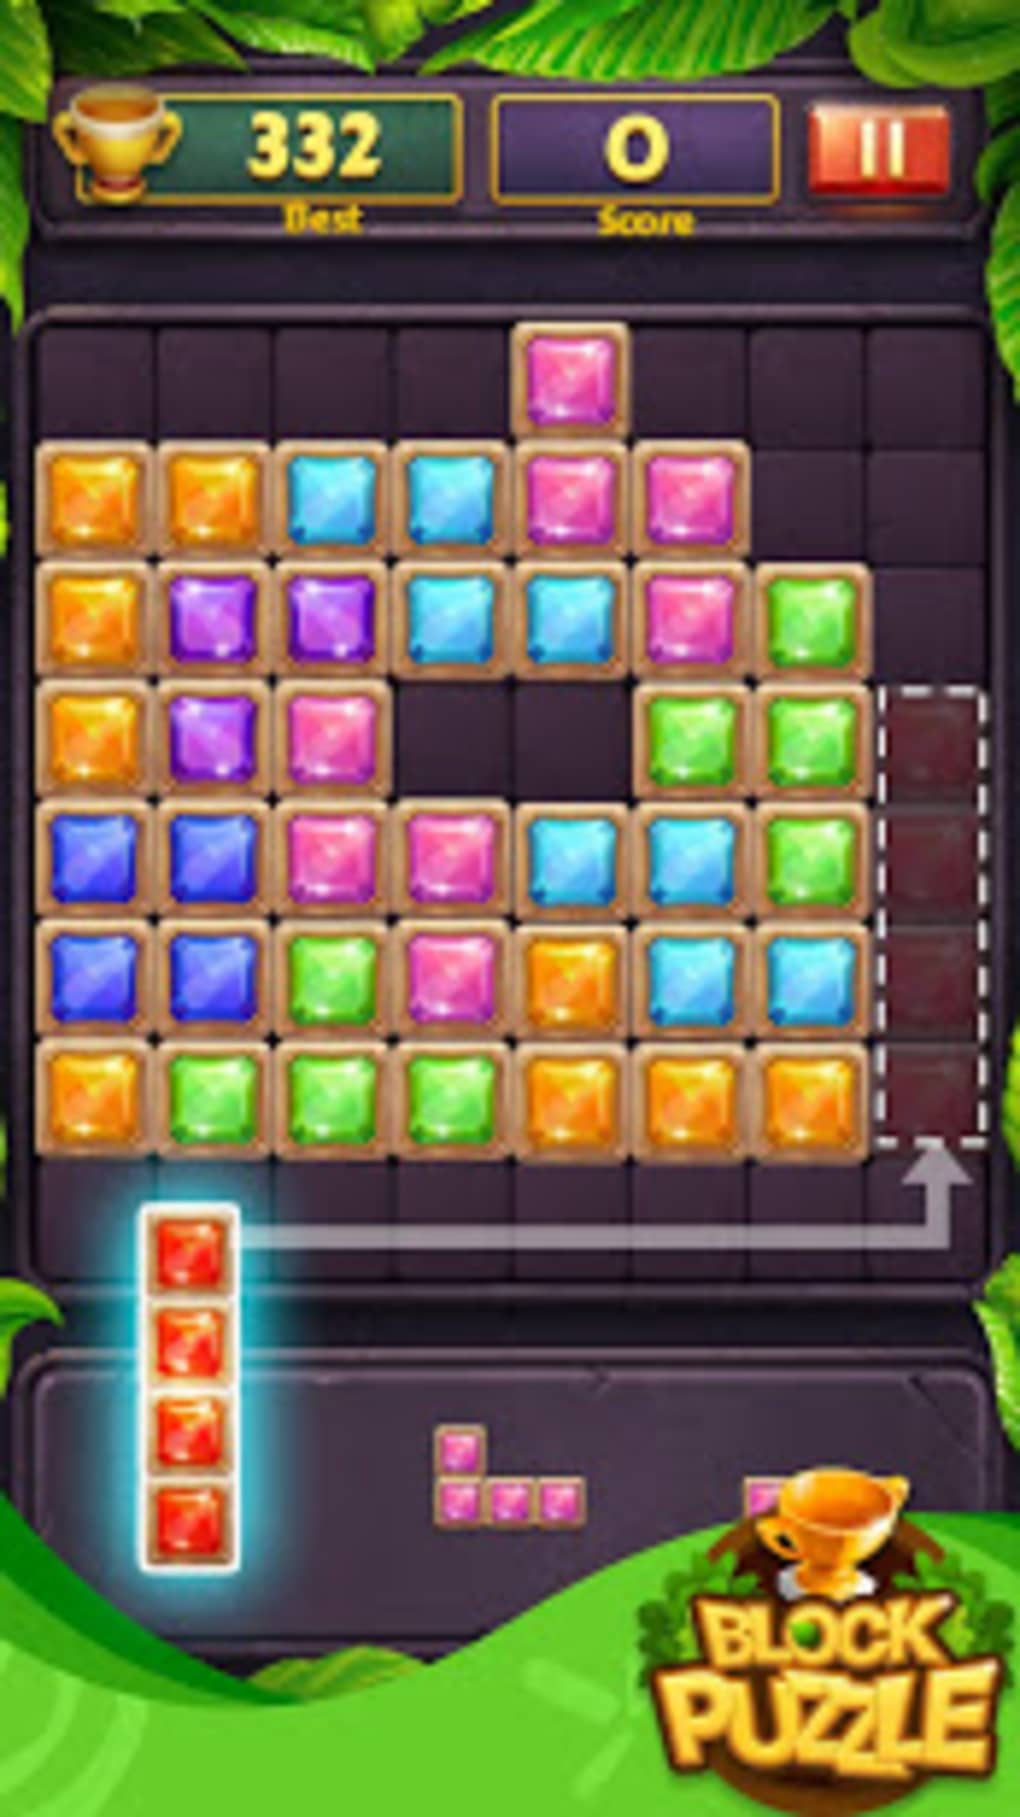 Block Puzzle Jewel Apk Pour Android - Télécharger pour Puzzles Gratuits Sans Téléchargement